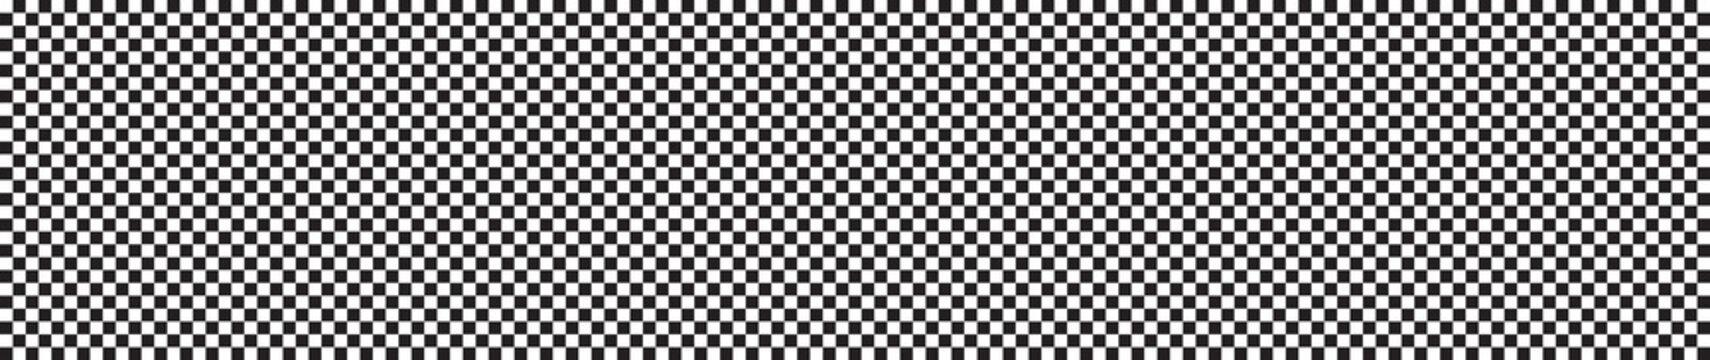 FOND BANNIÈRE CARRÉS NOIR MODIFIABLE. Carrés noirs + carrés blancs